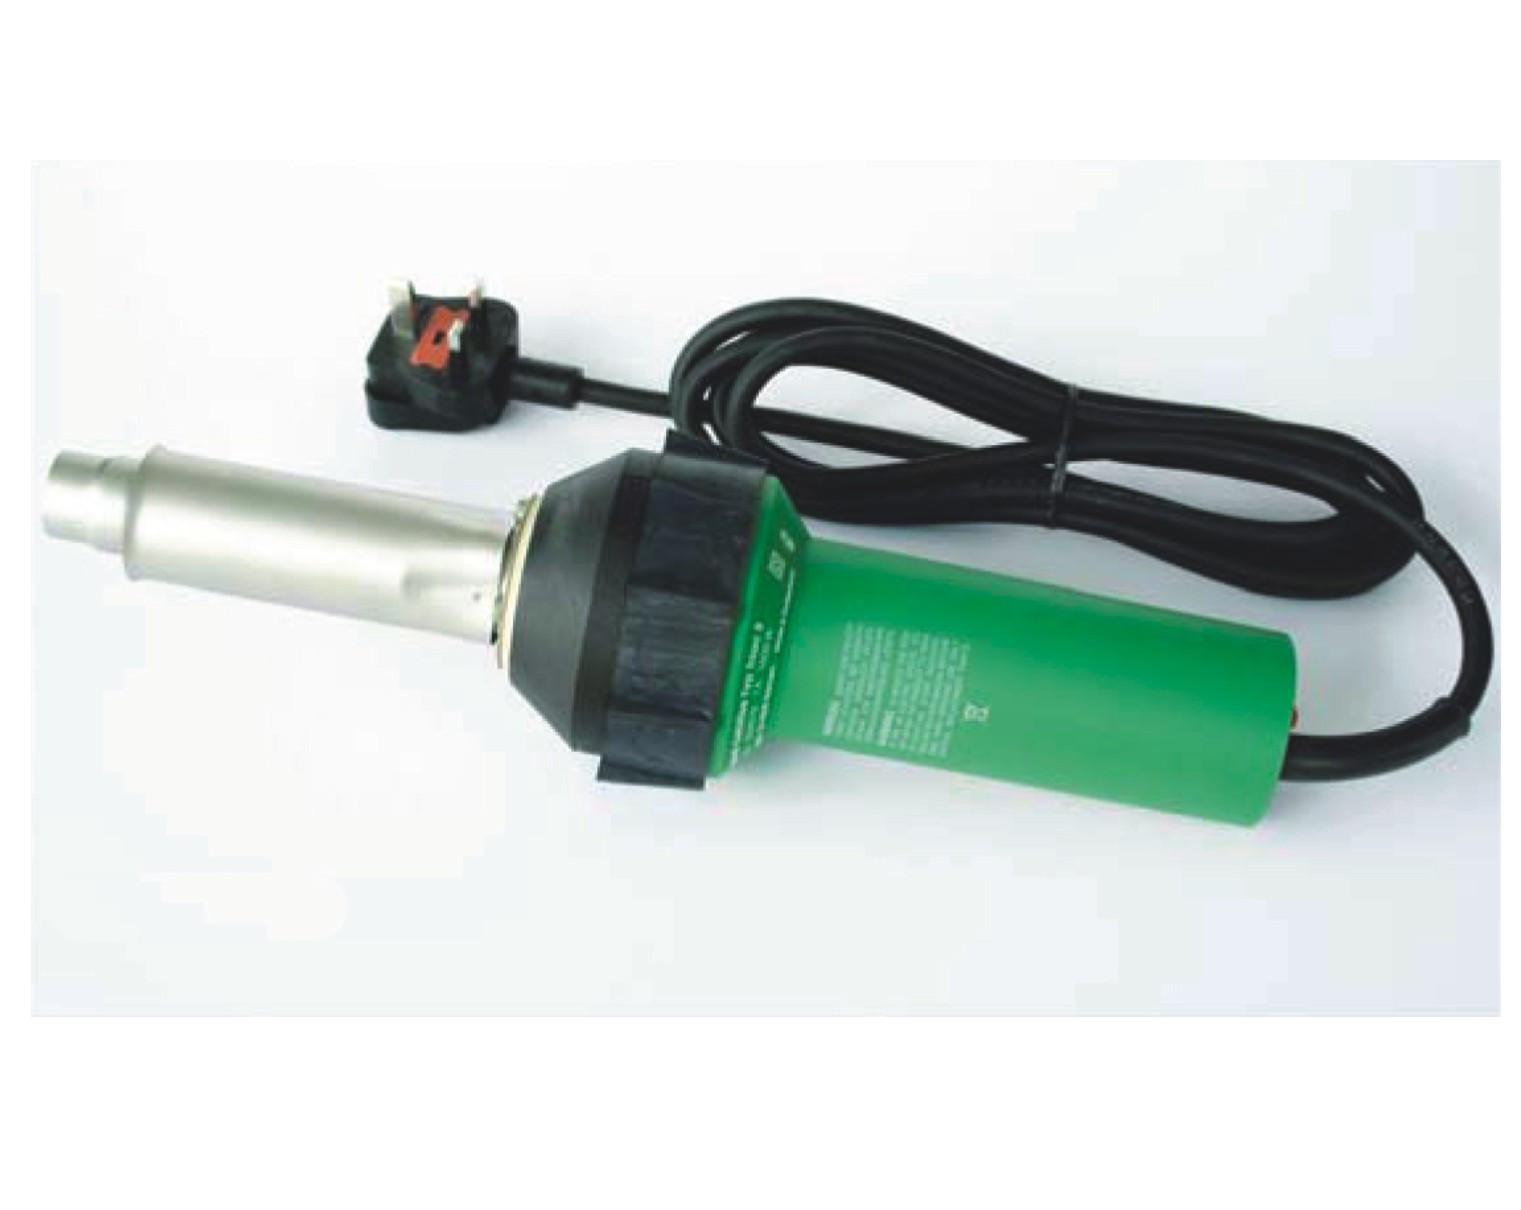 Leister Triac S 230v Raychem Heavy Duty Heat Gun